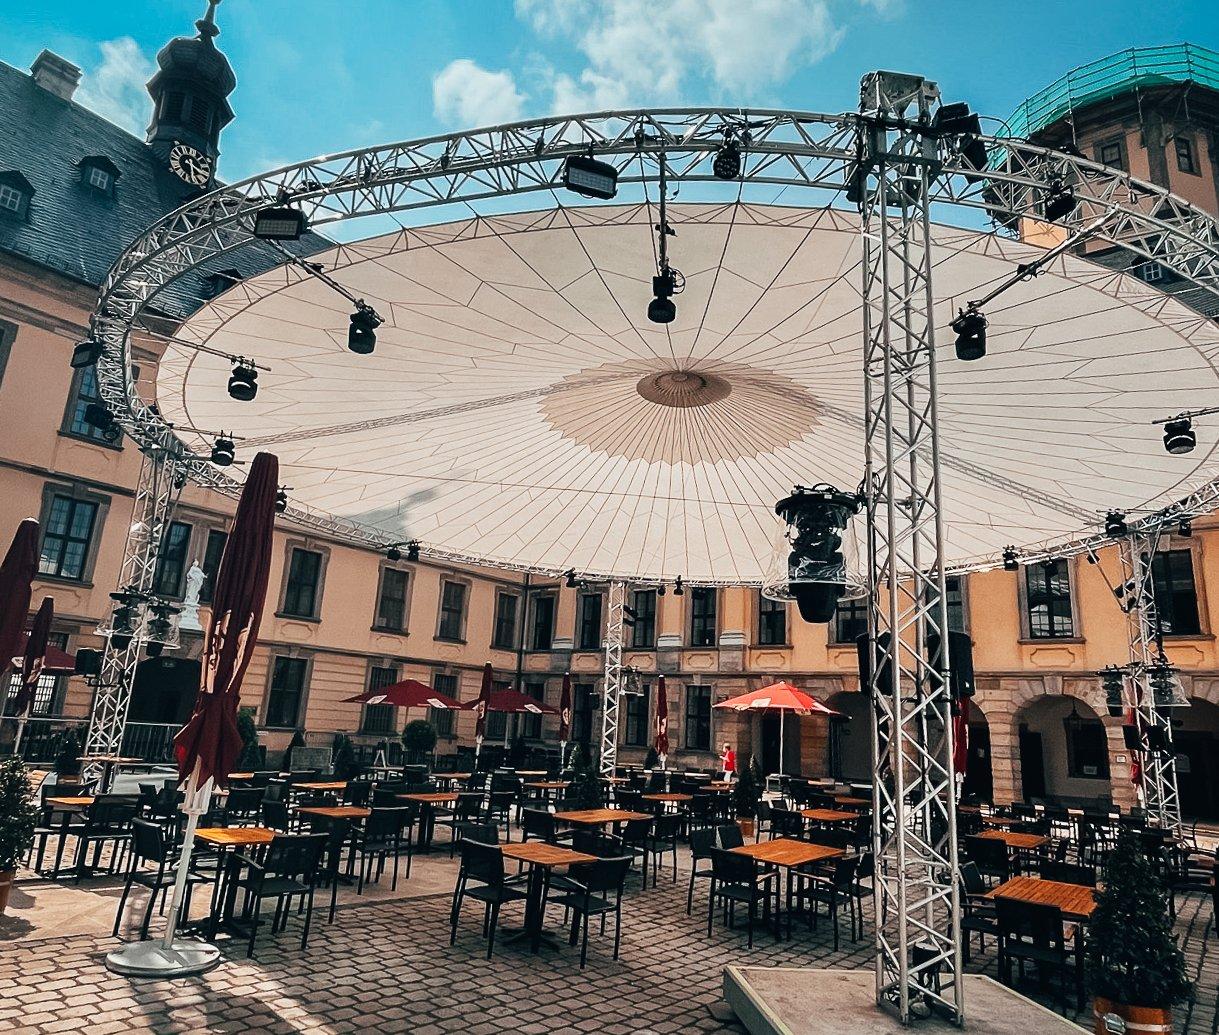 Das Event findet im Rahmen der Fuldaer Genuss'wochen im Schlosshof Fulda statt; Foto: Region Fulda GmbH